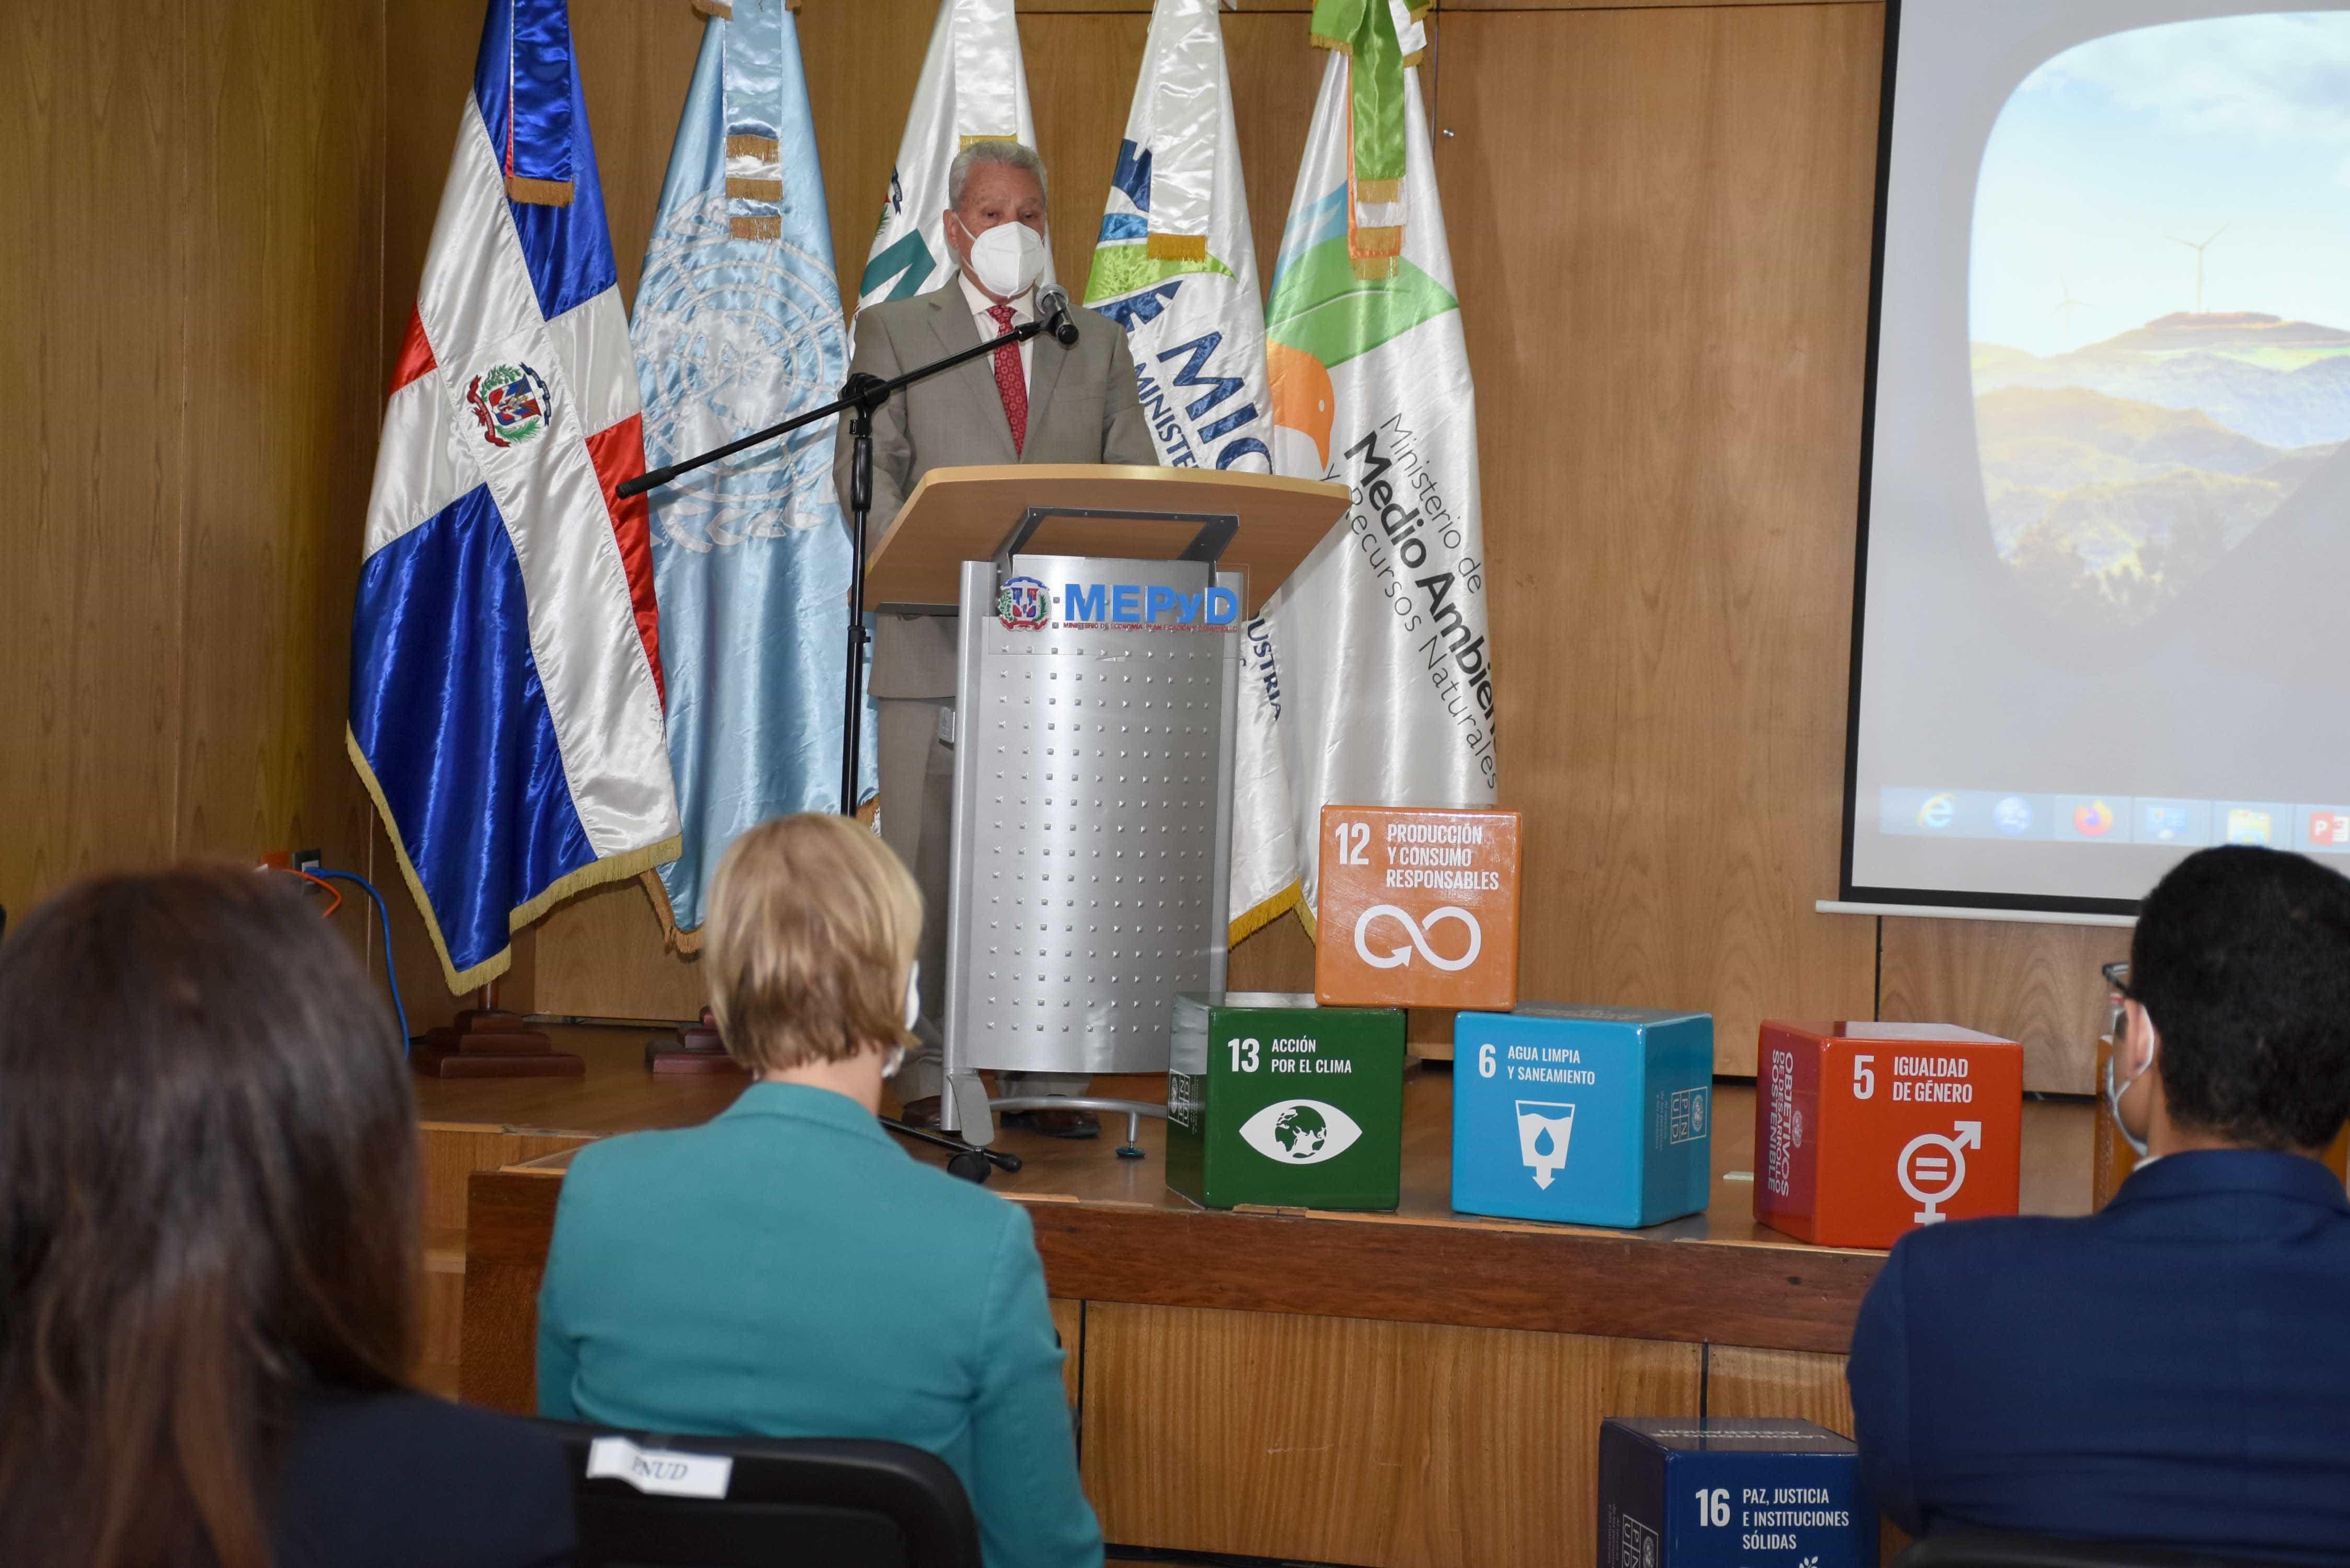 <p>Comisi&oacute;n de Desarrollo Sostenible presenta la Hoja de Ruta de Producci&oacute;n y Consumo Sostenible en RD</p>